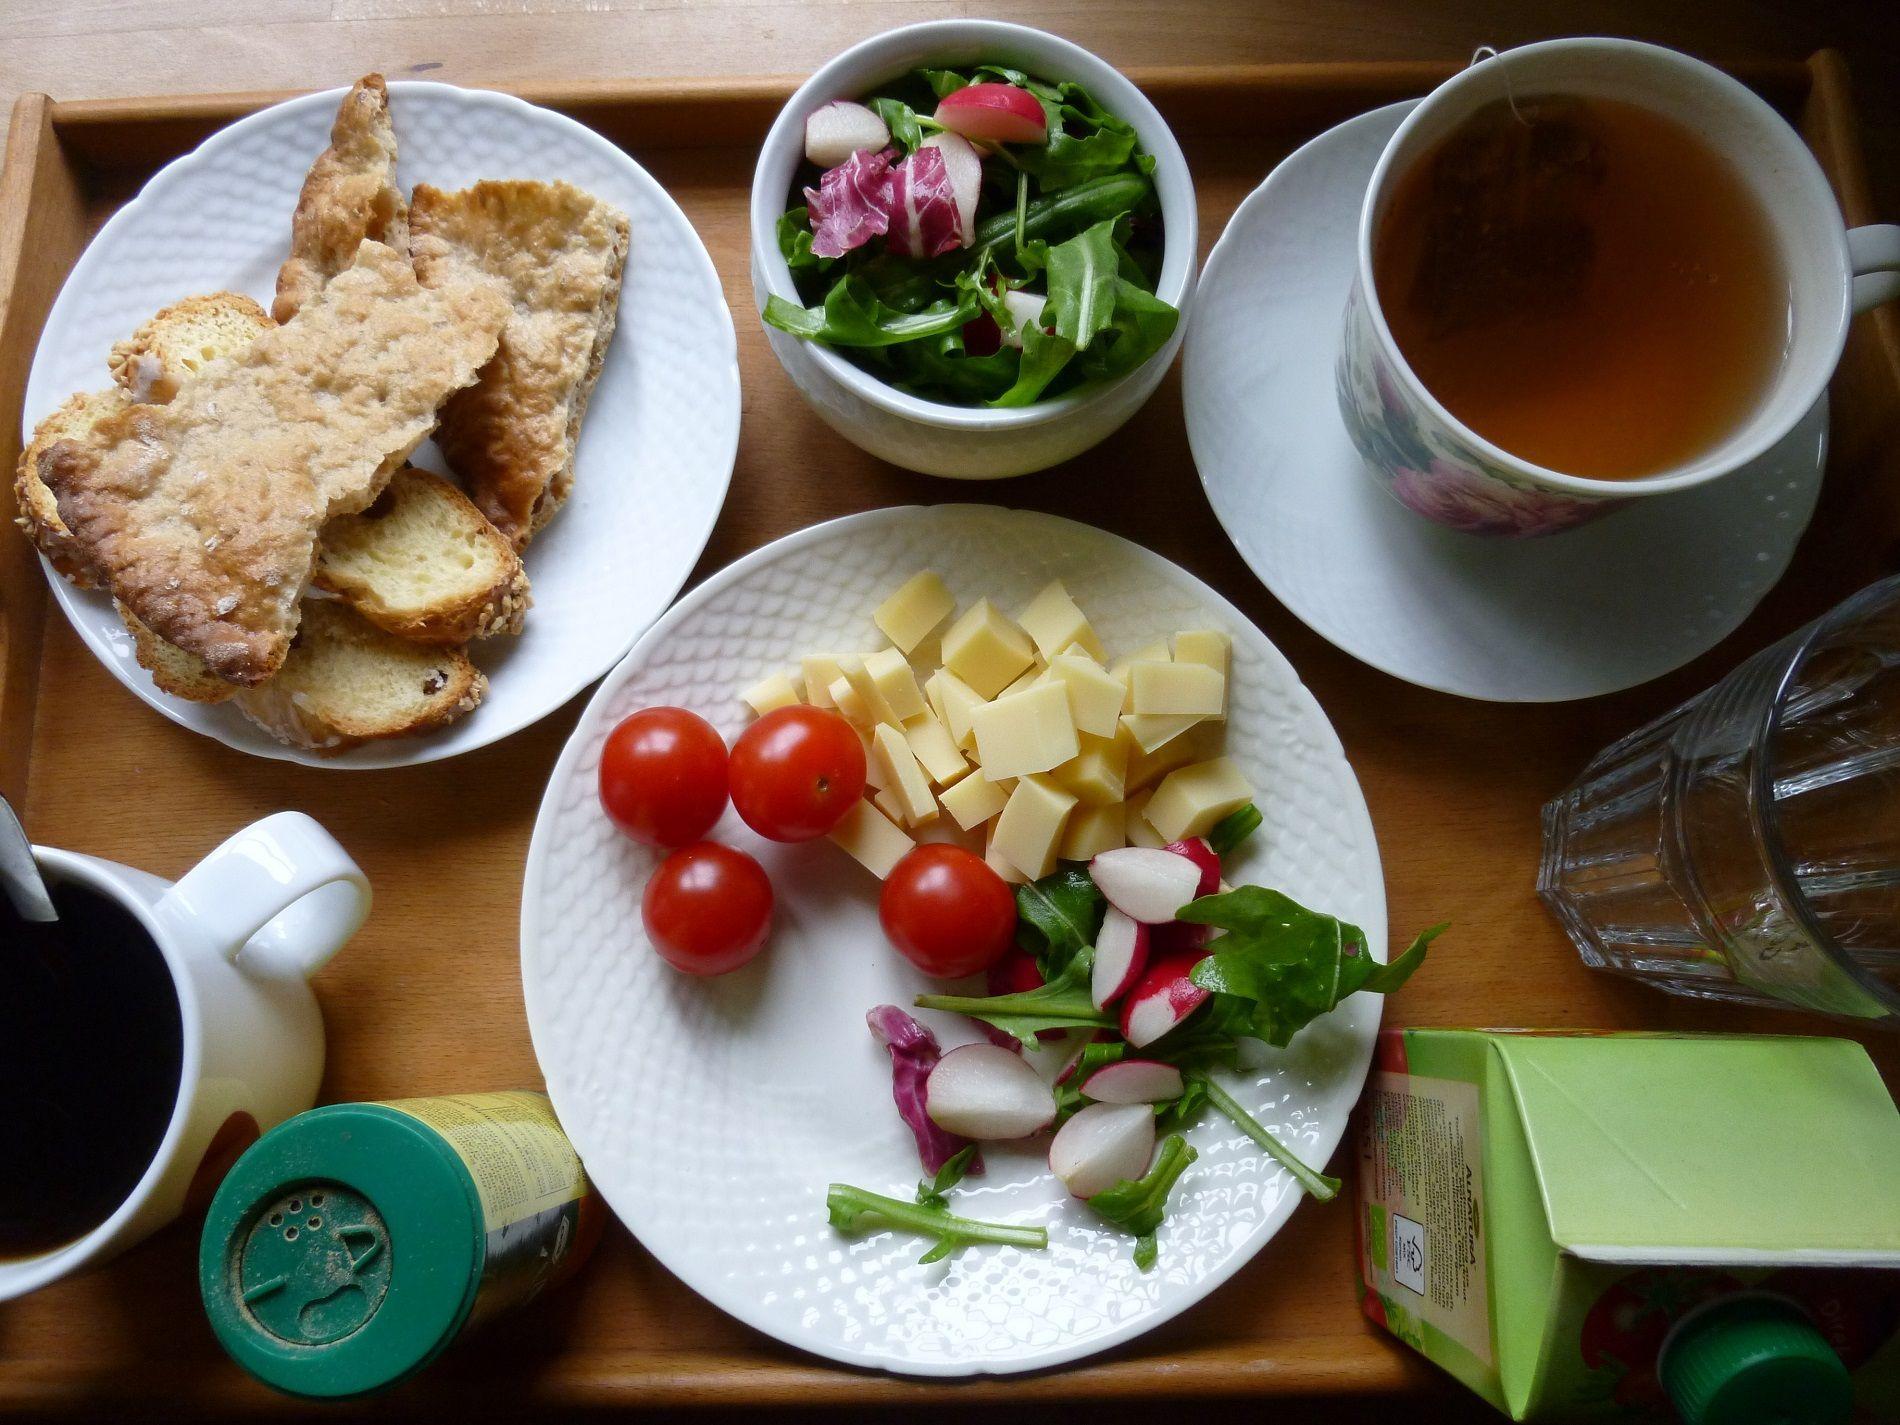 Cos'è un brunch, a che ora si organizza e cosa si mangia?